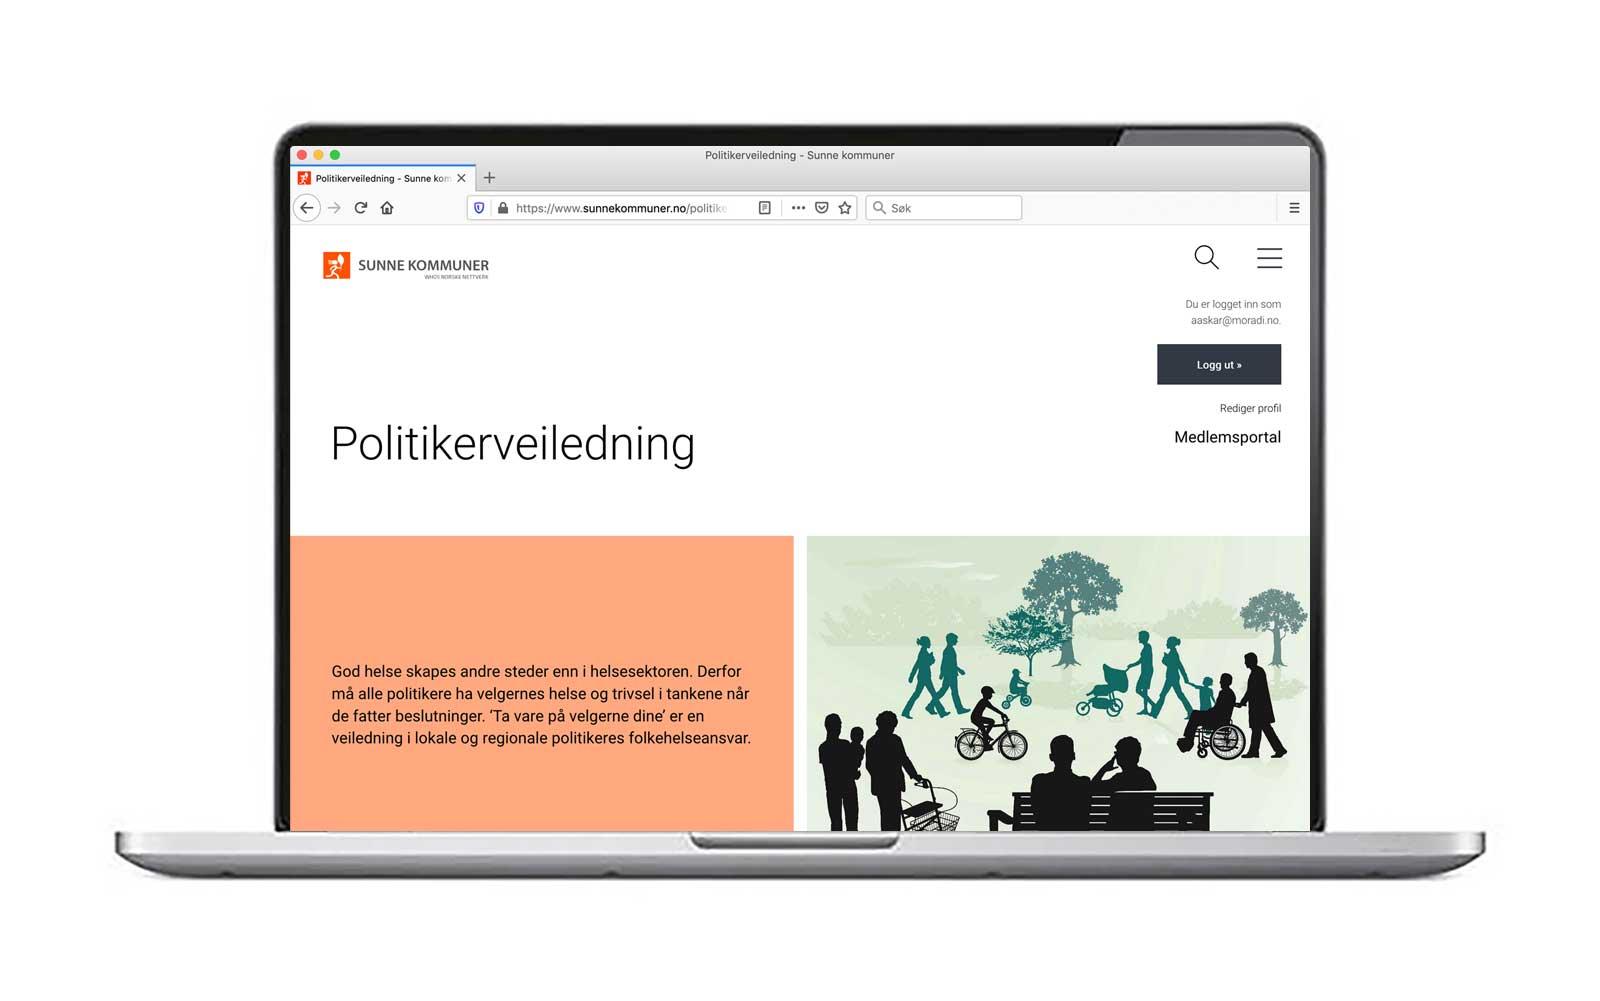 Sunne kommuner – Politikerveiledning